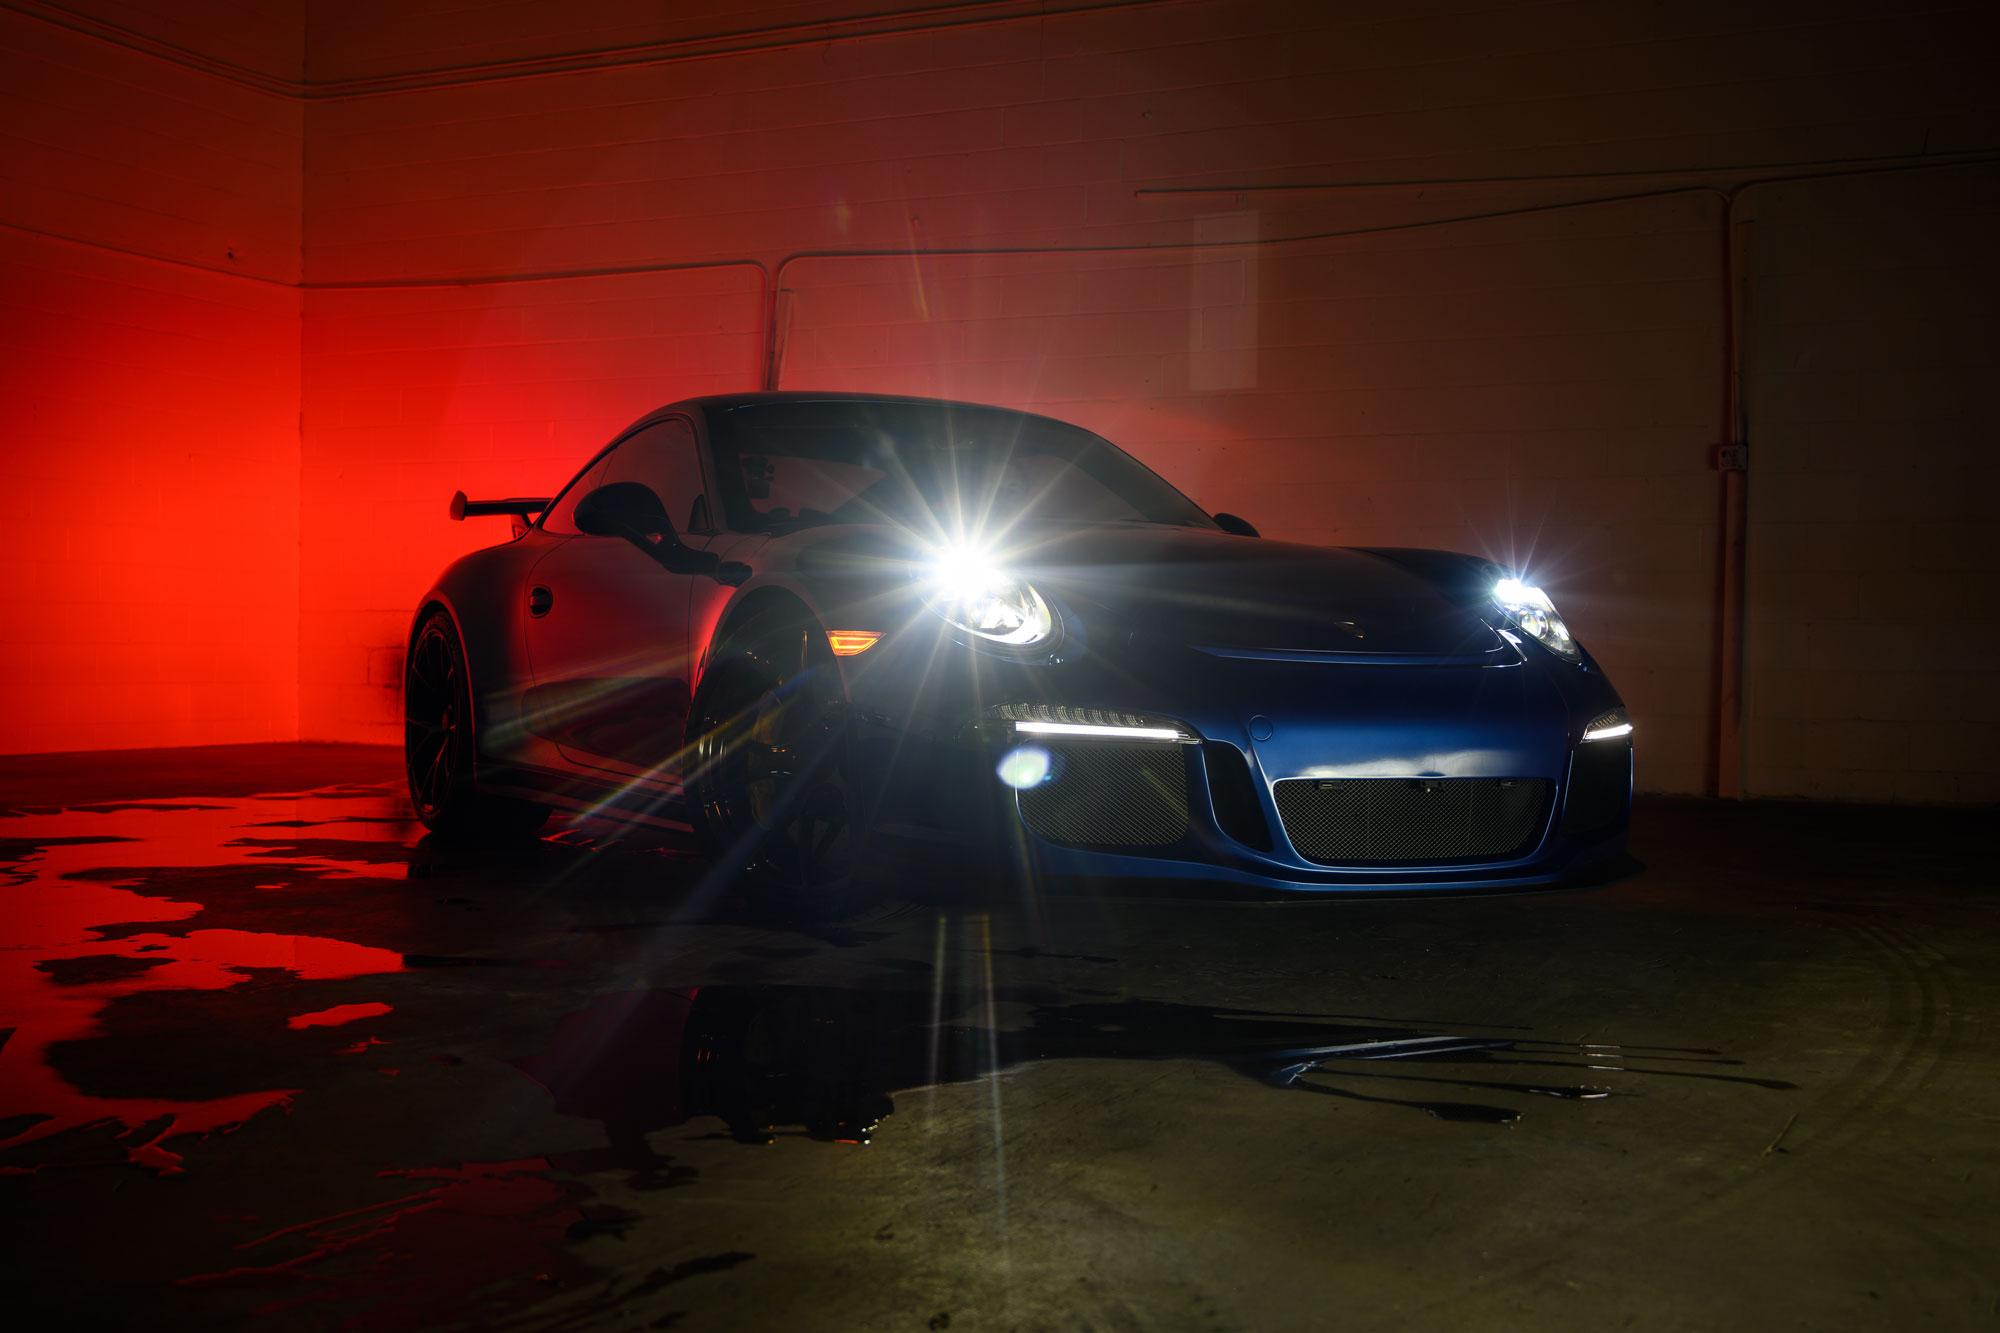 Porsche 911 headlights